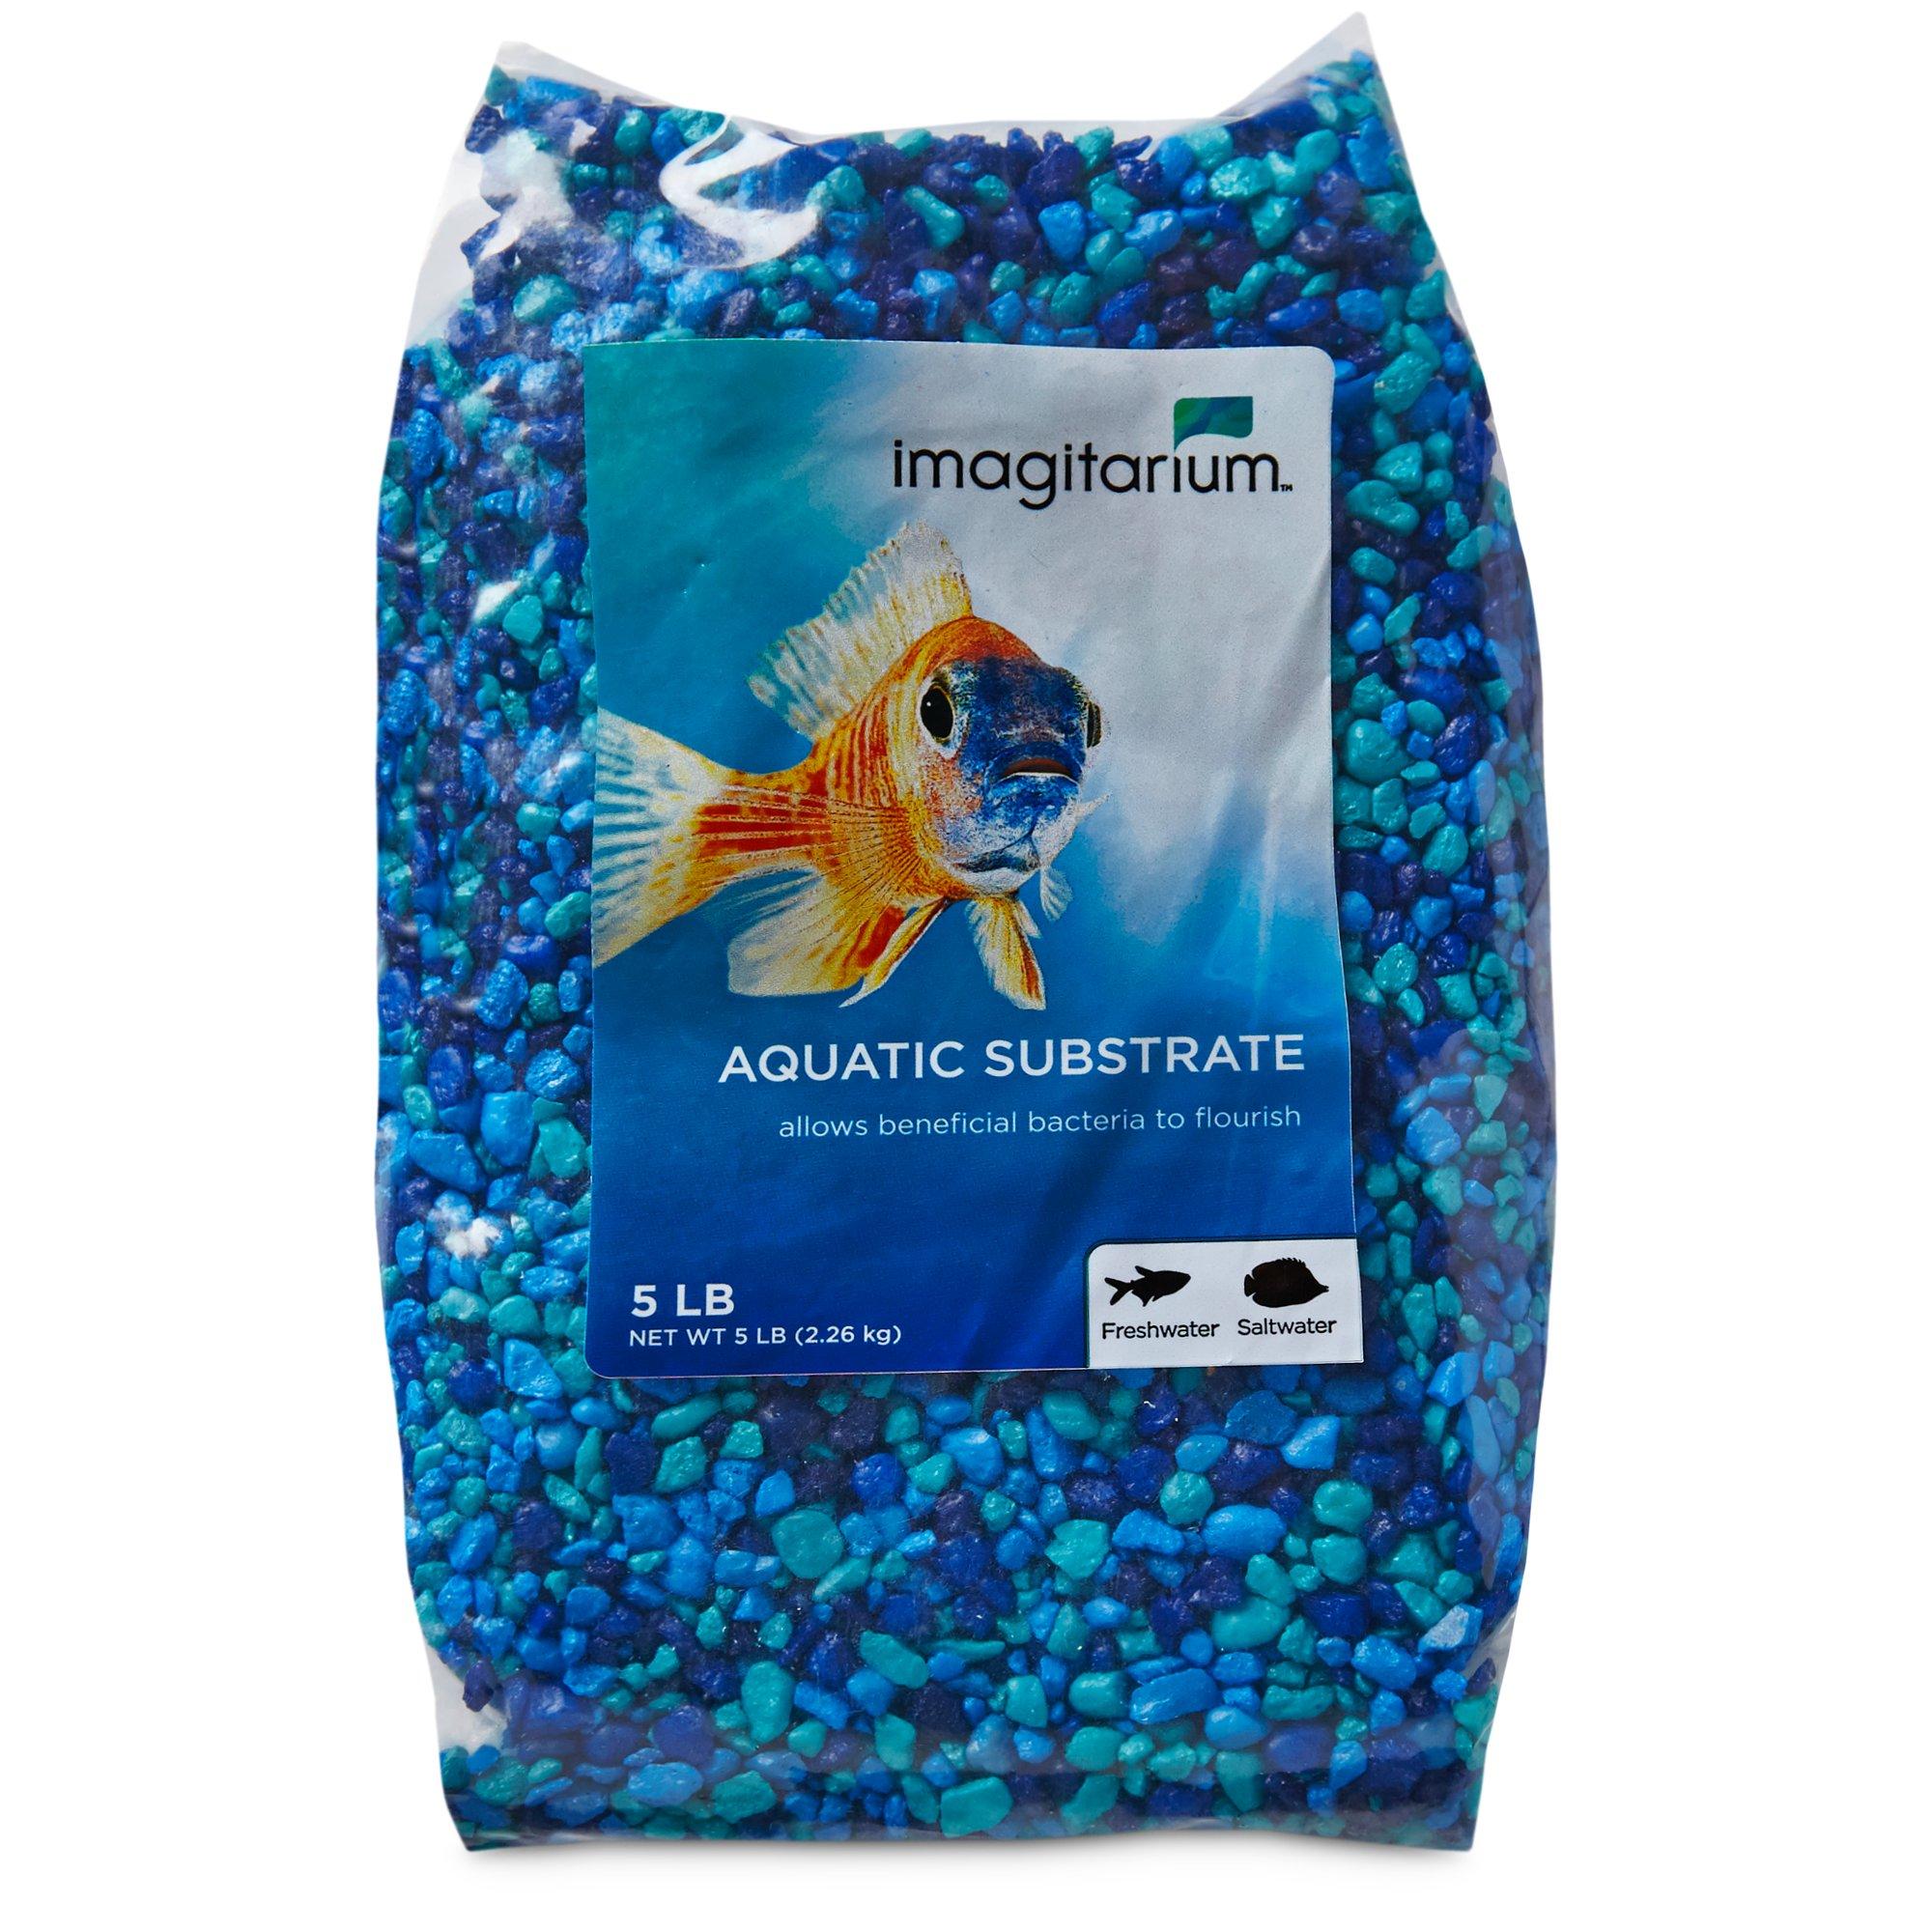 Imagitarium Blue Jean Aquarium Gravel